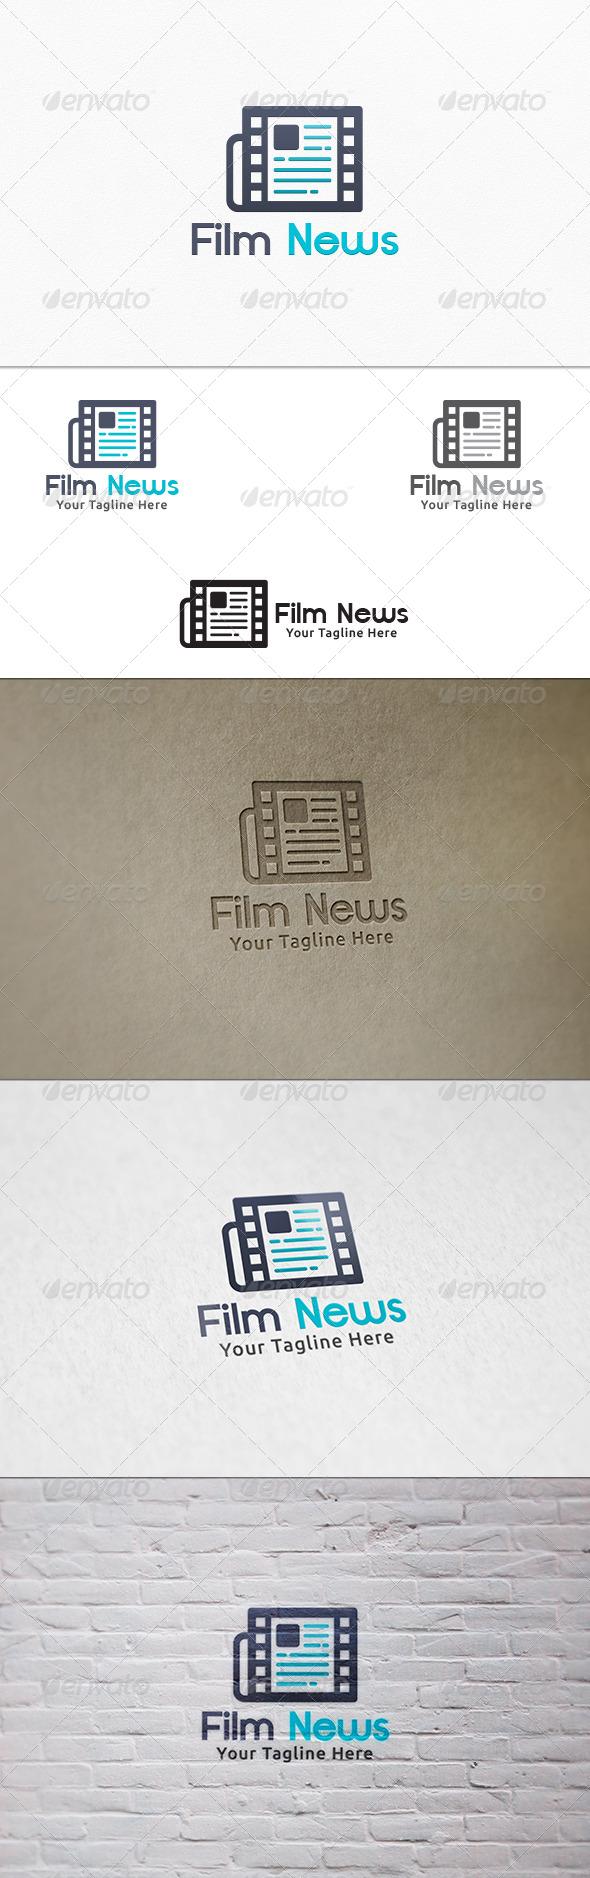 Film News V2 - Logo Template